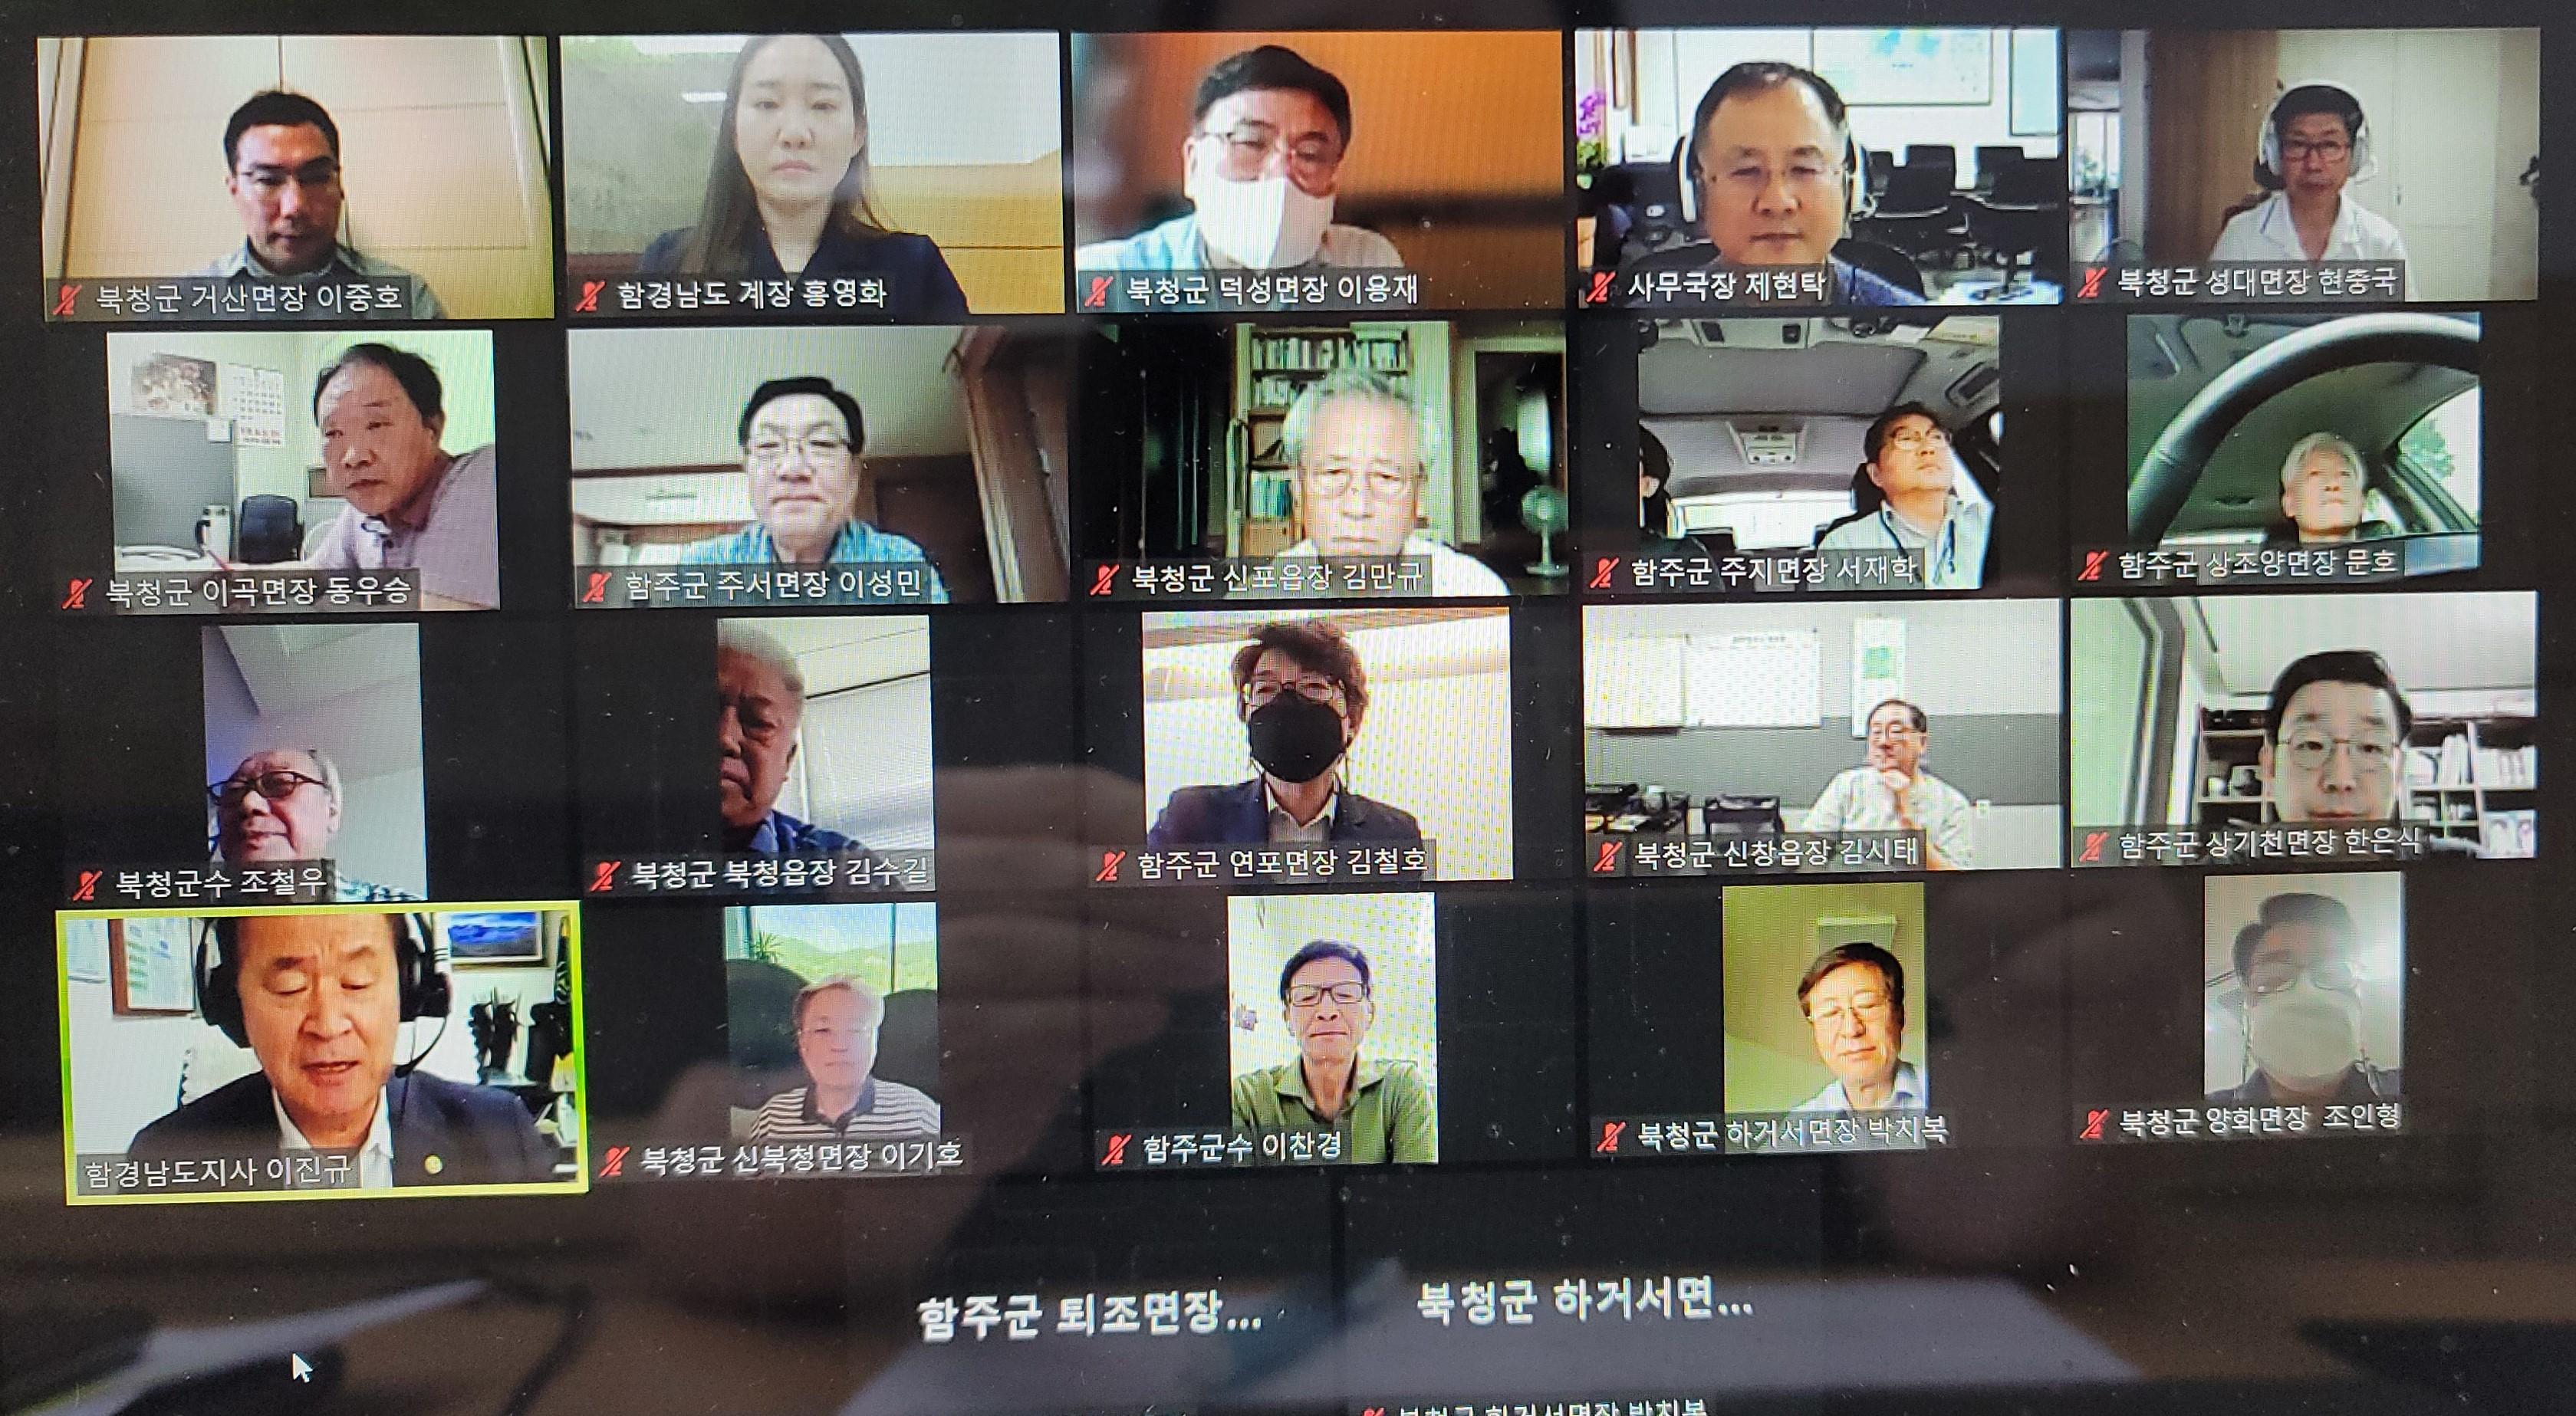 함주,북청 영상회의 모니터 사진 (1)_.jpg